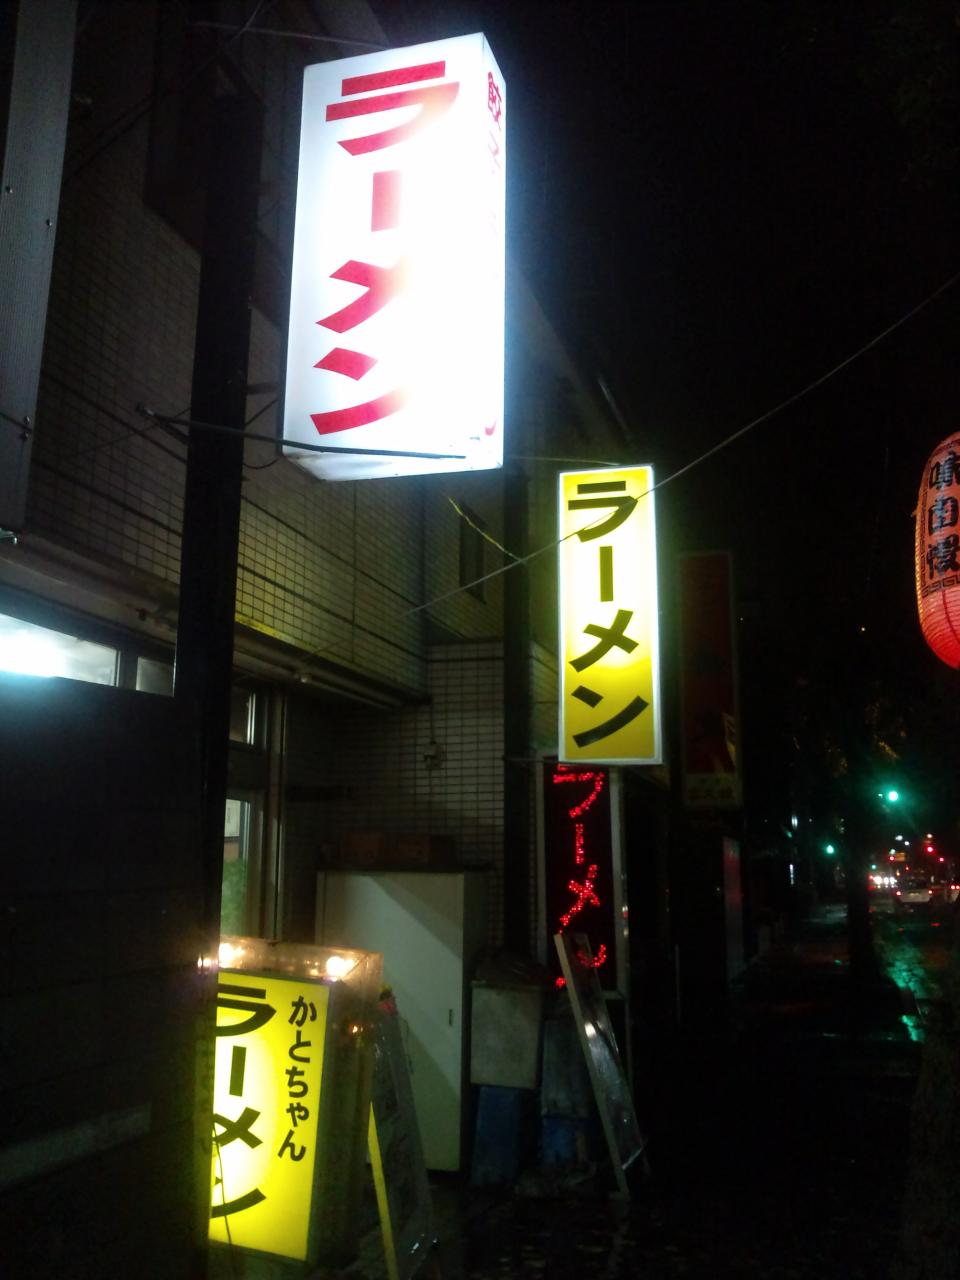 ラーメンショップかとちゃん(店舗外観)